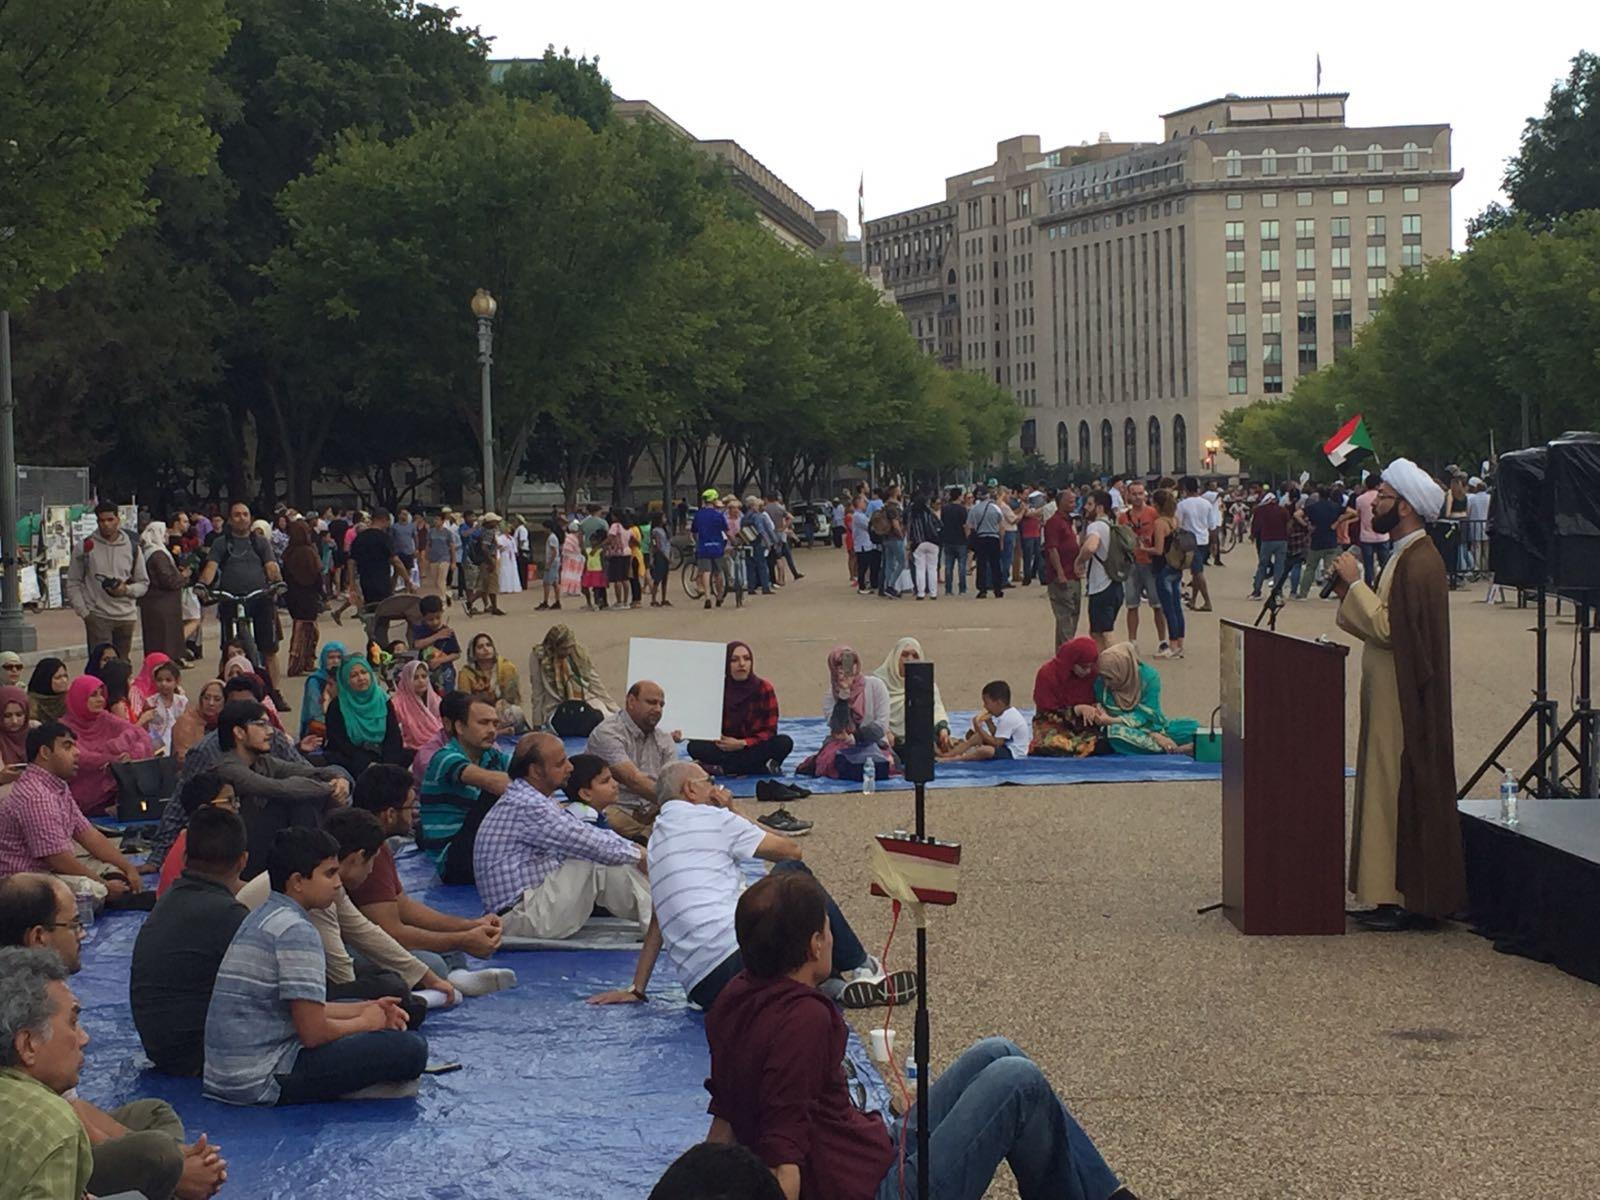 تصویر گرامیداشت غدیر در مقابل کاخ سفید